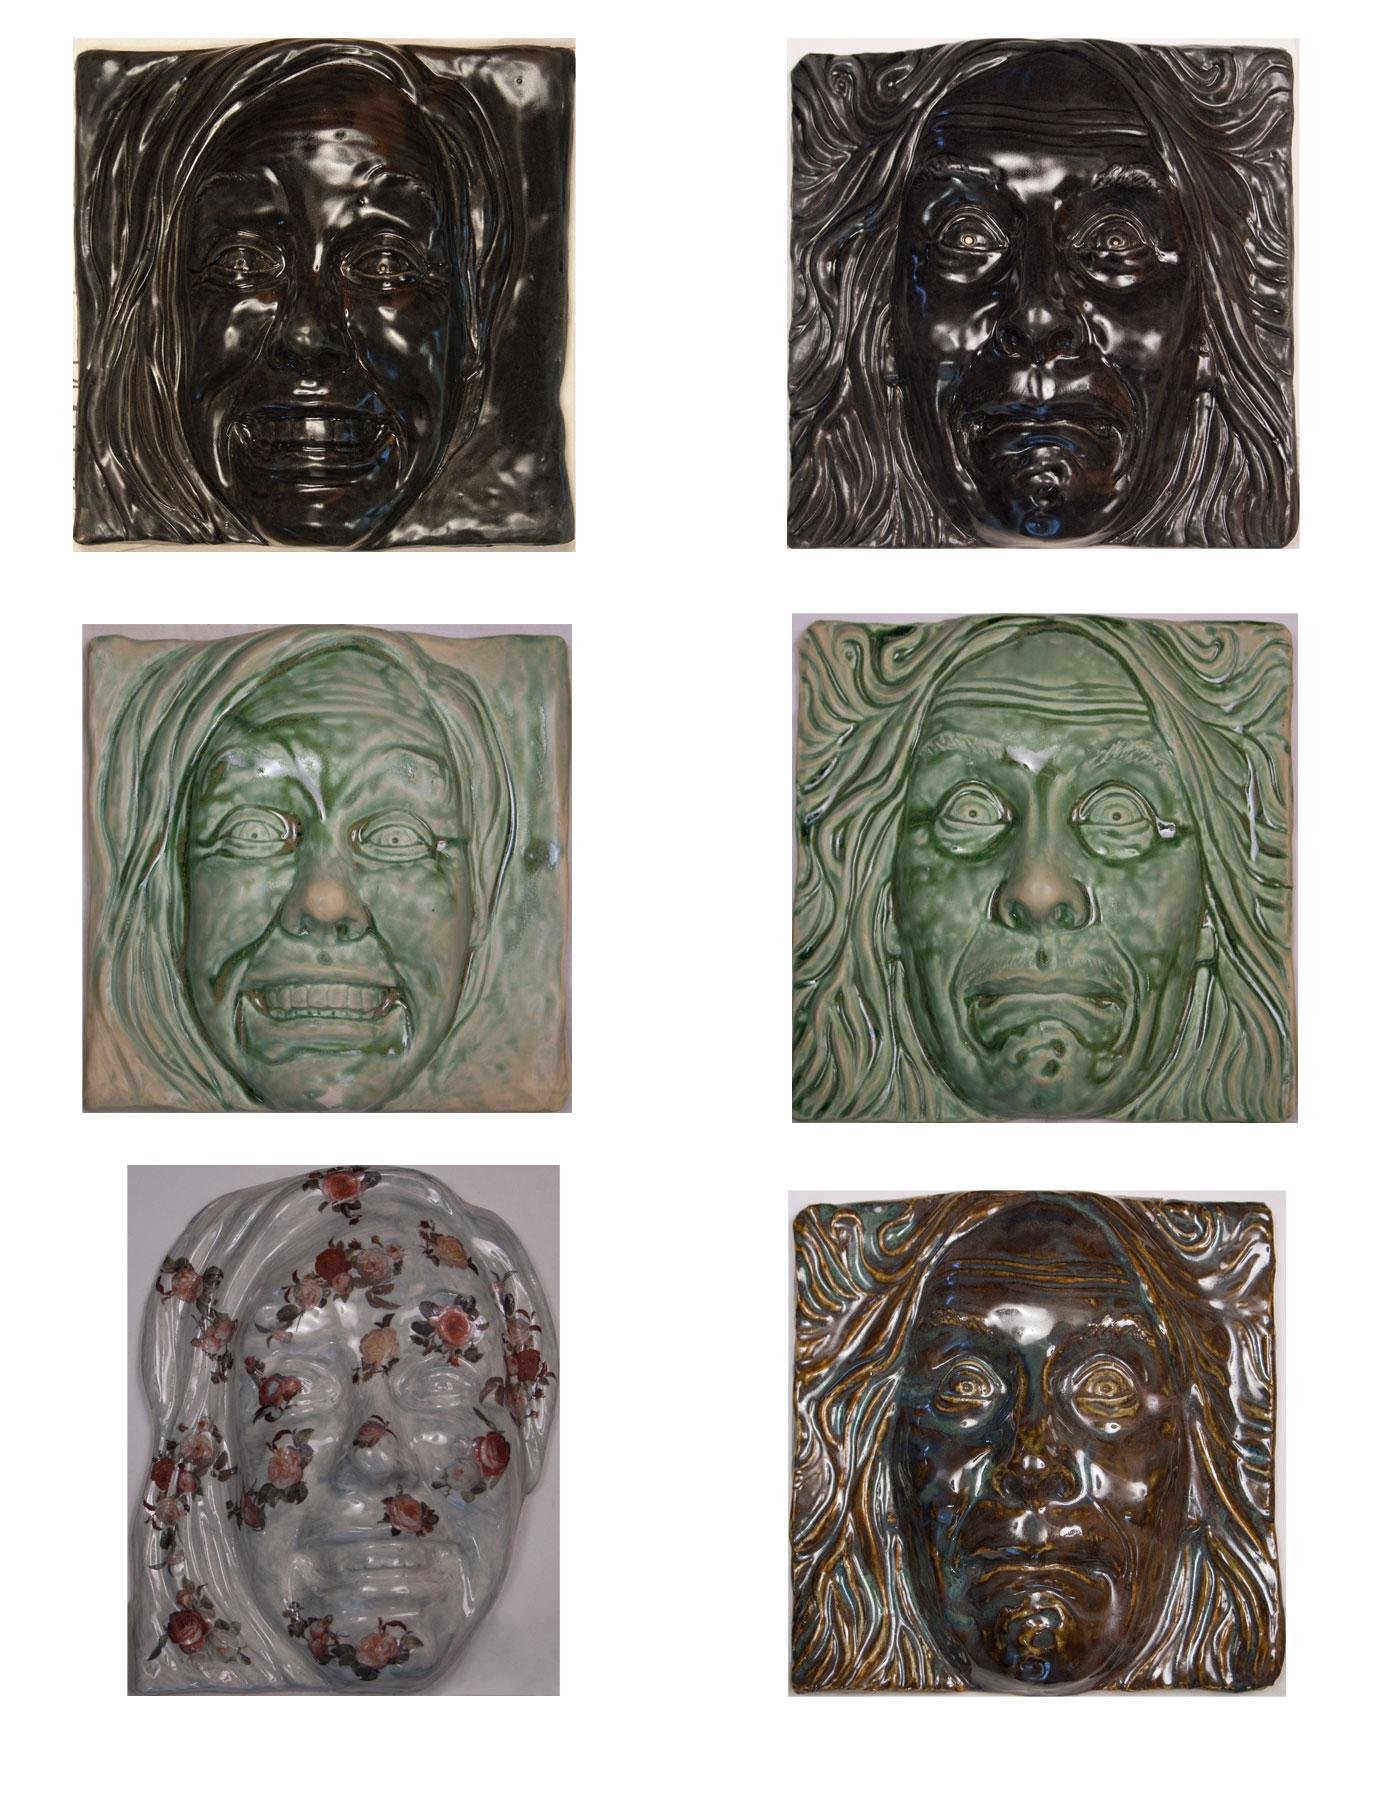 Gargoyle Tiles